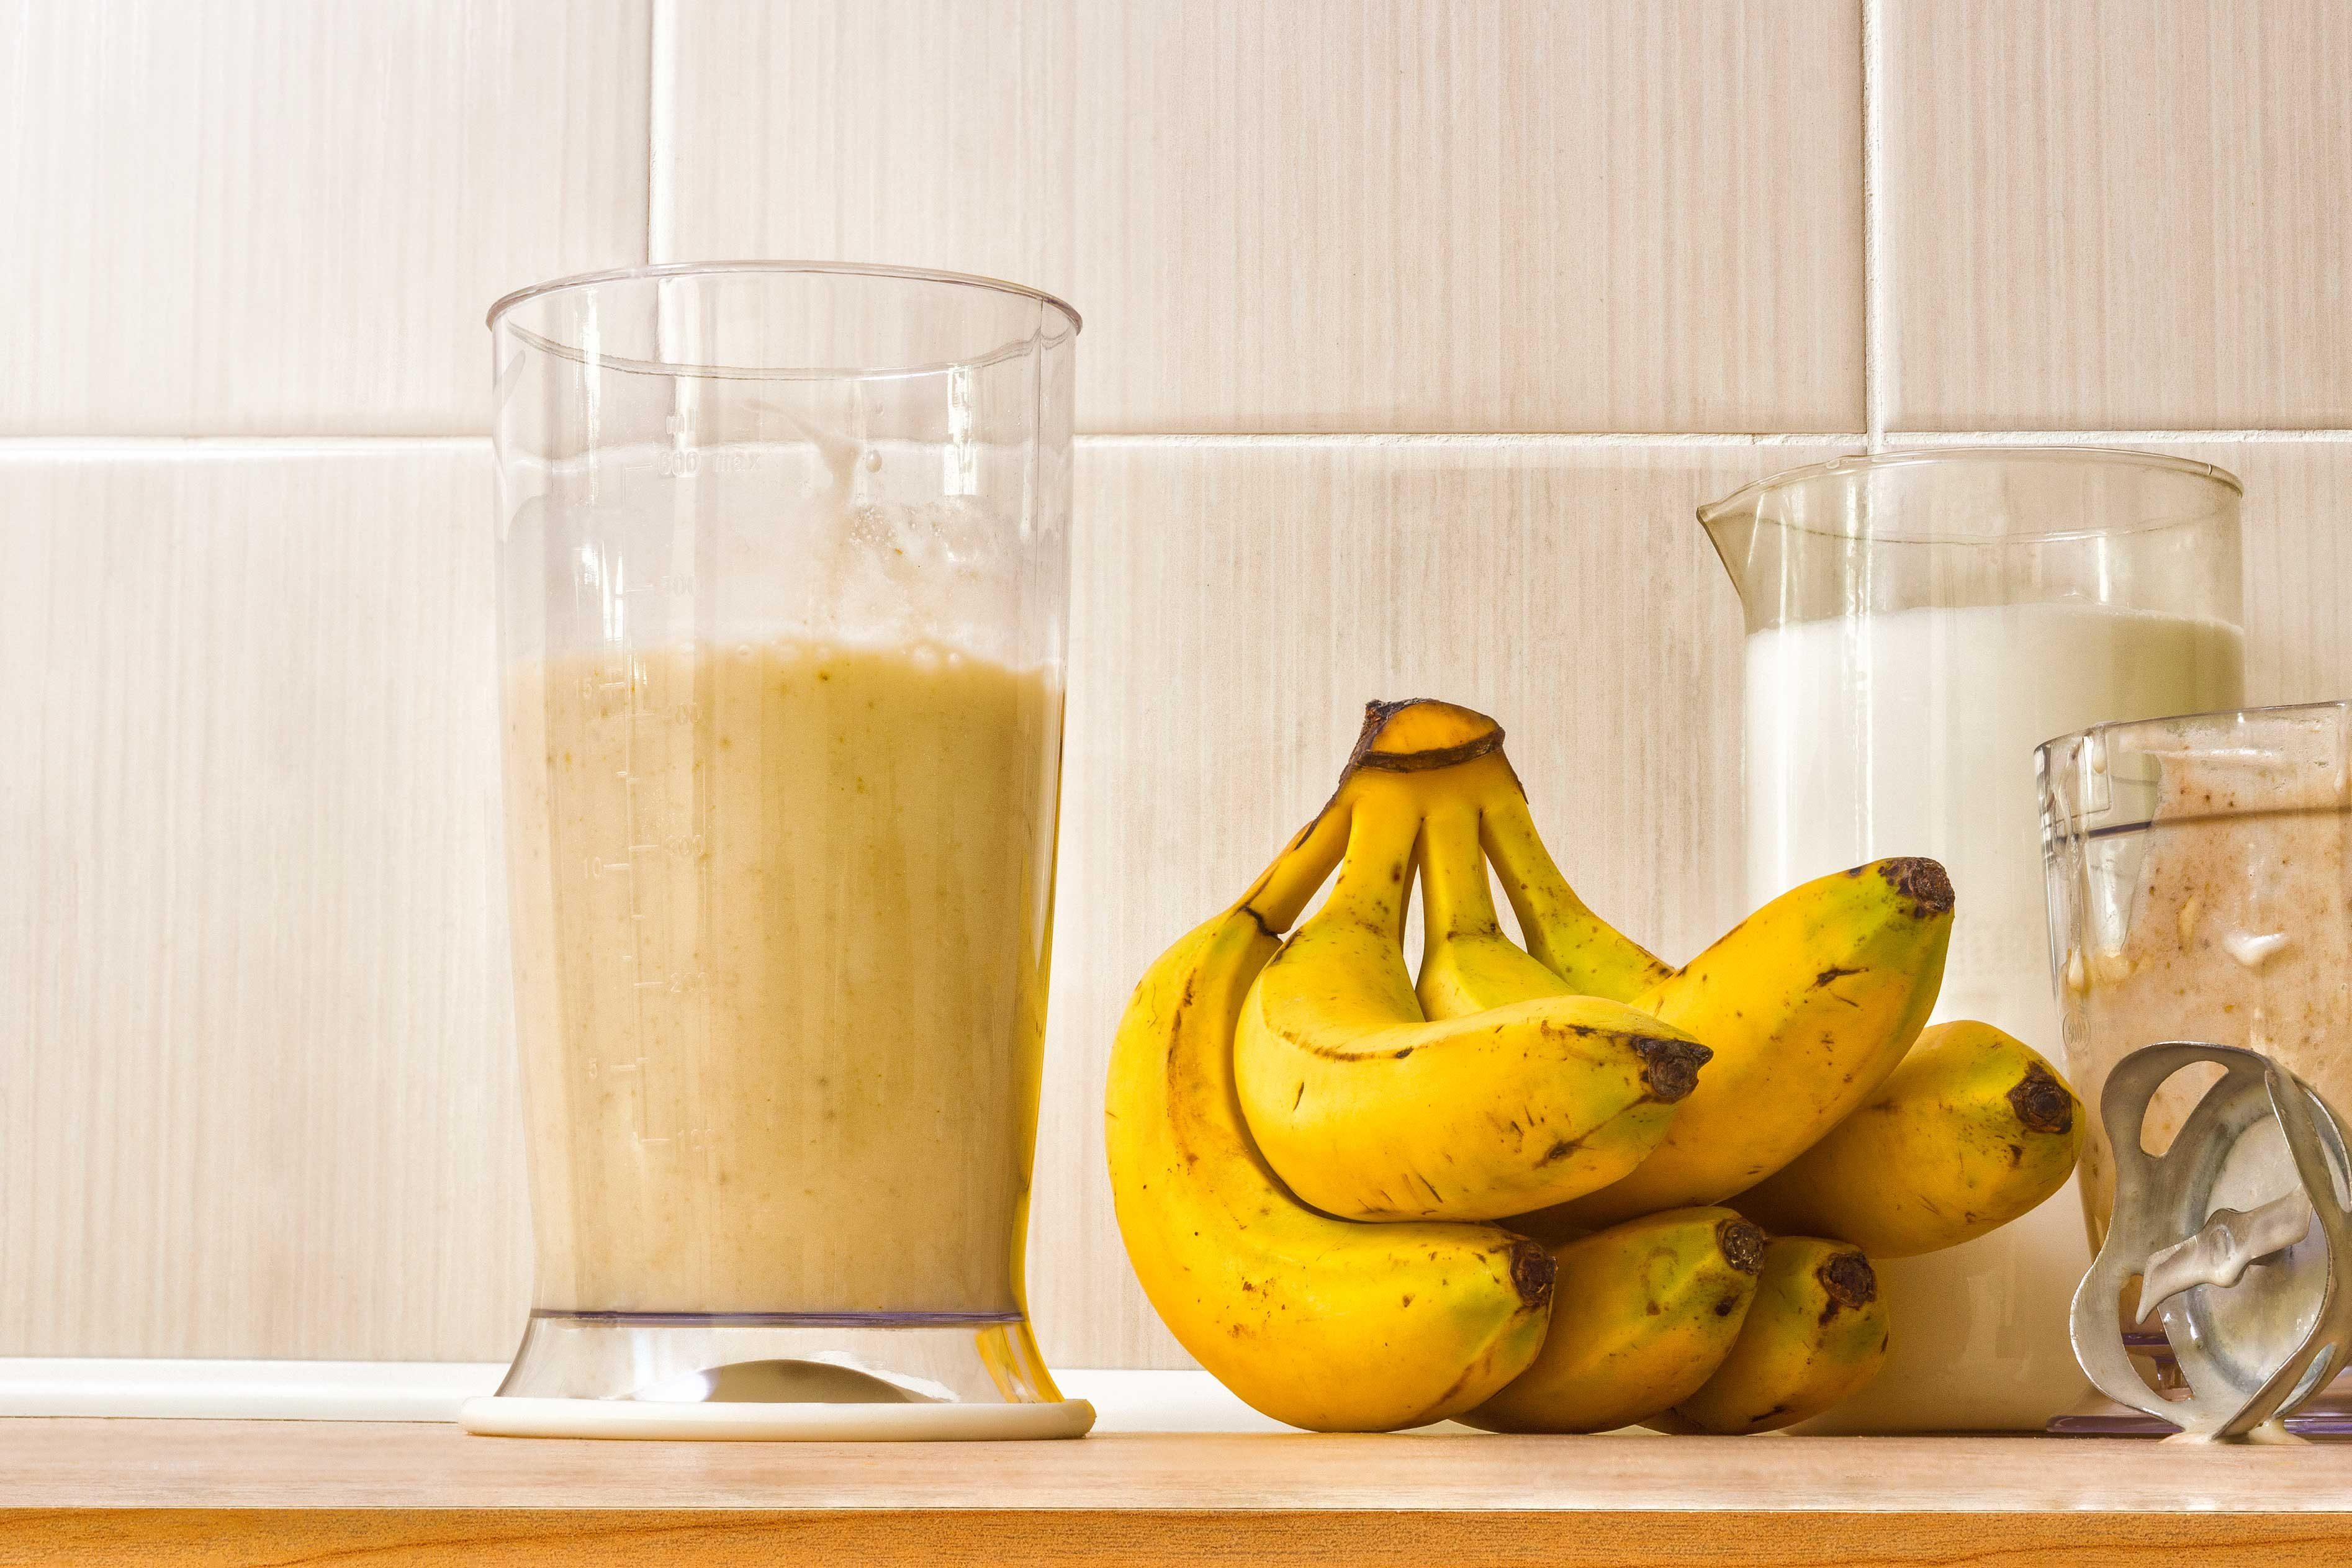 Uses for bananas